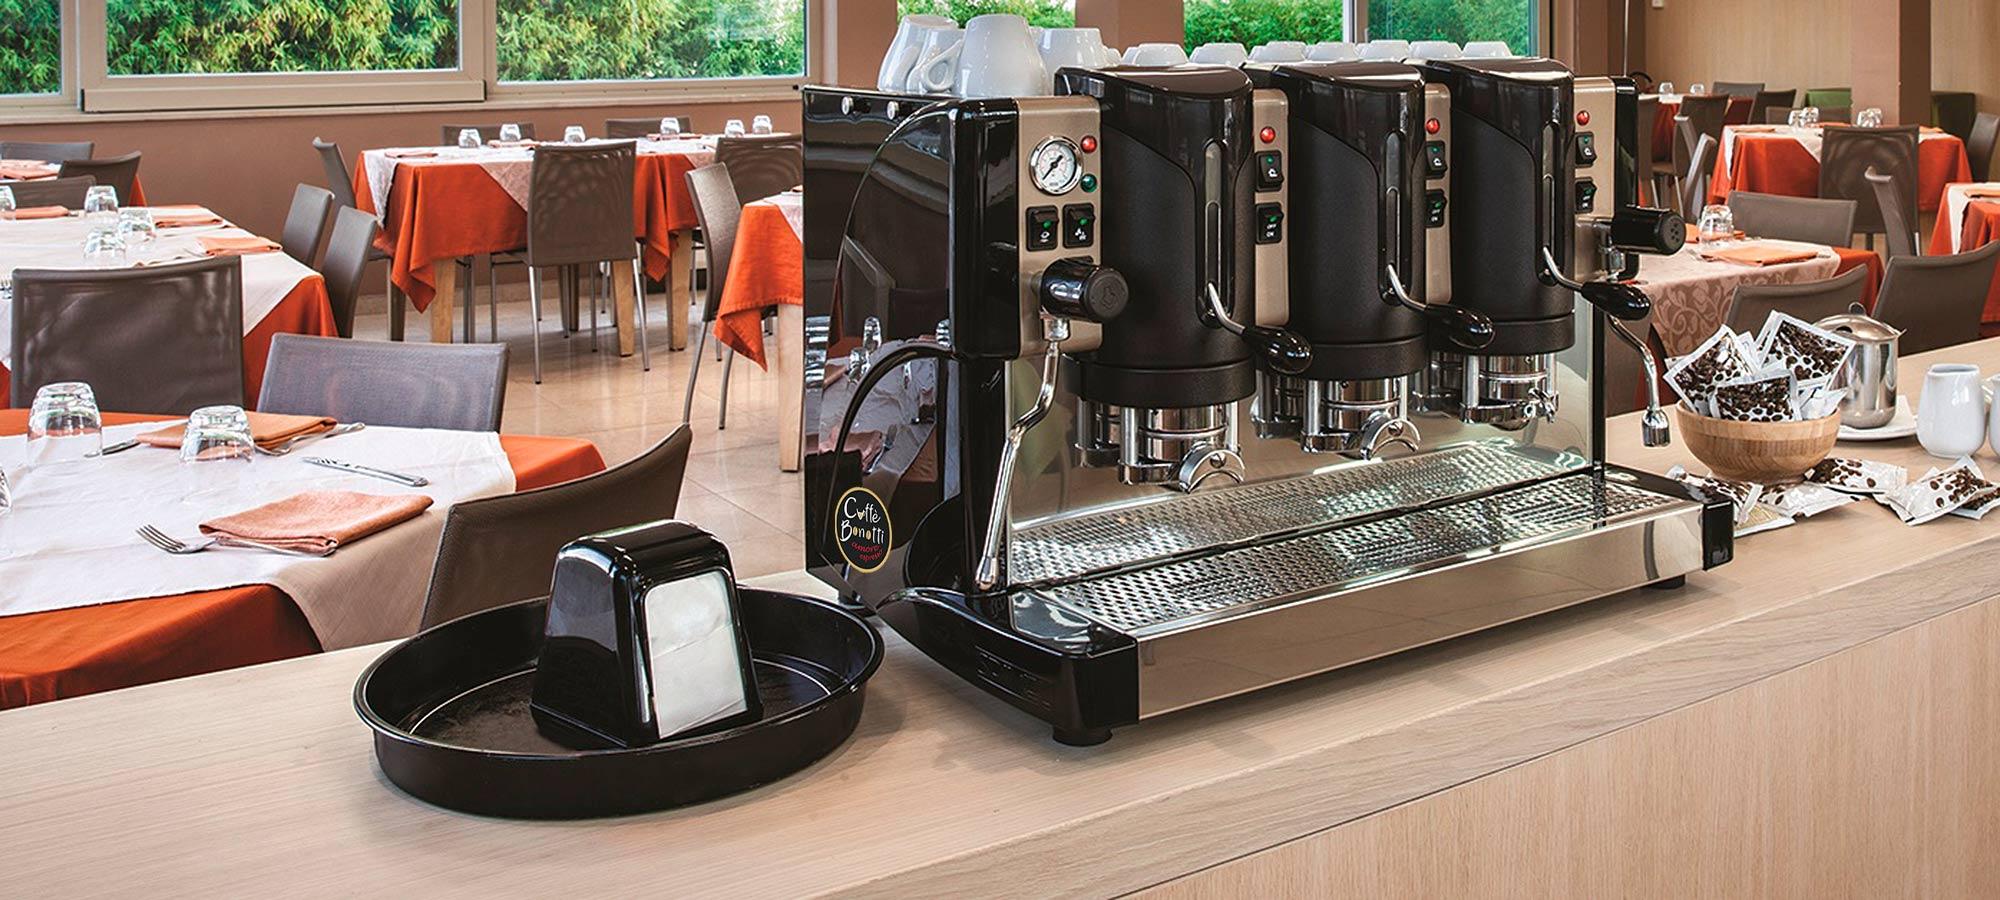 Macchina da caffè Snack And Drink